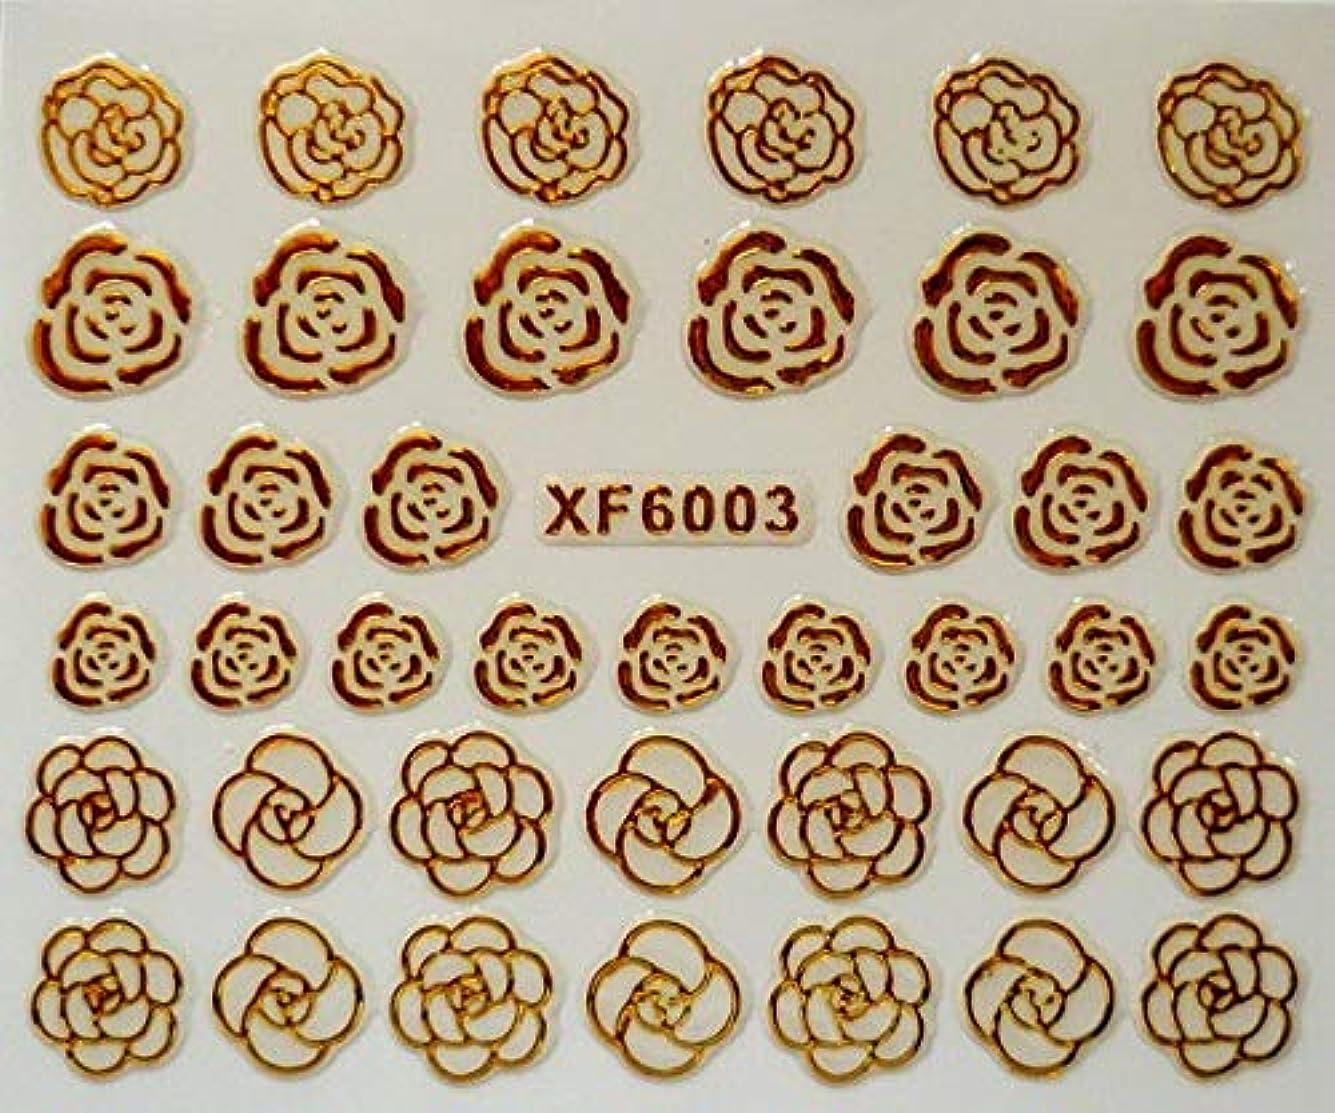 避けられないヘリコプターアルバム自己粘着ネイルステッカーデザインアートDecoprationロゴステッカーデカールDiyファッションアートゴールド色の有名な花のステッカー、6003